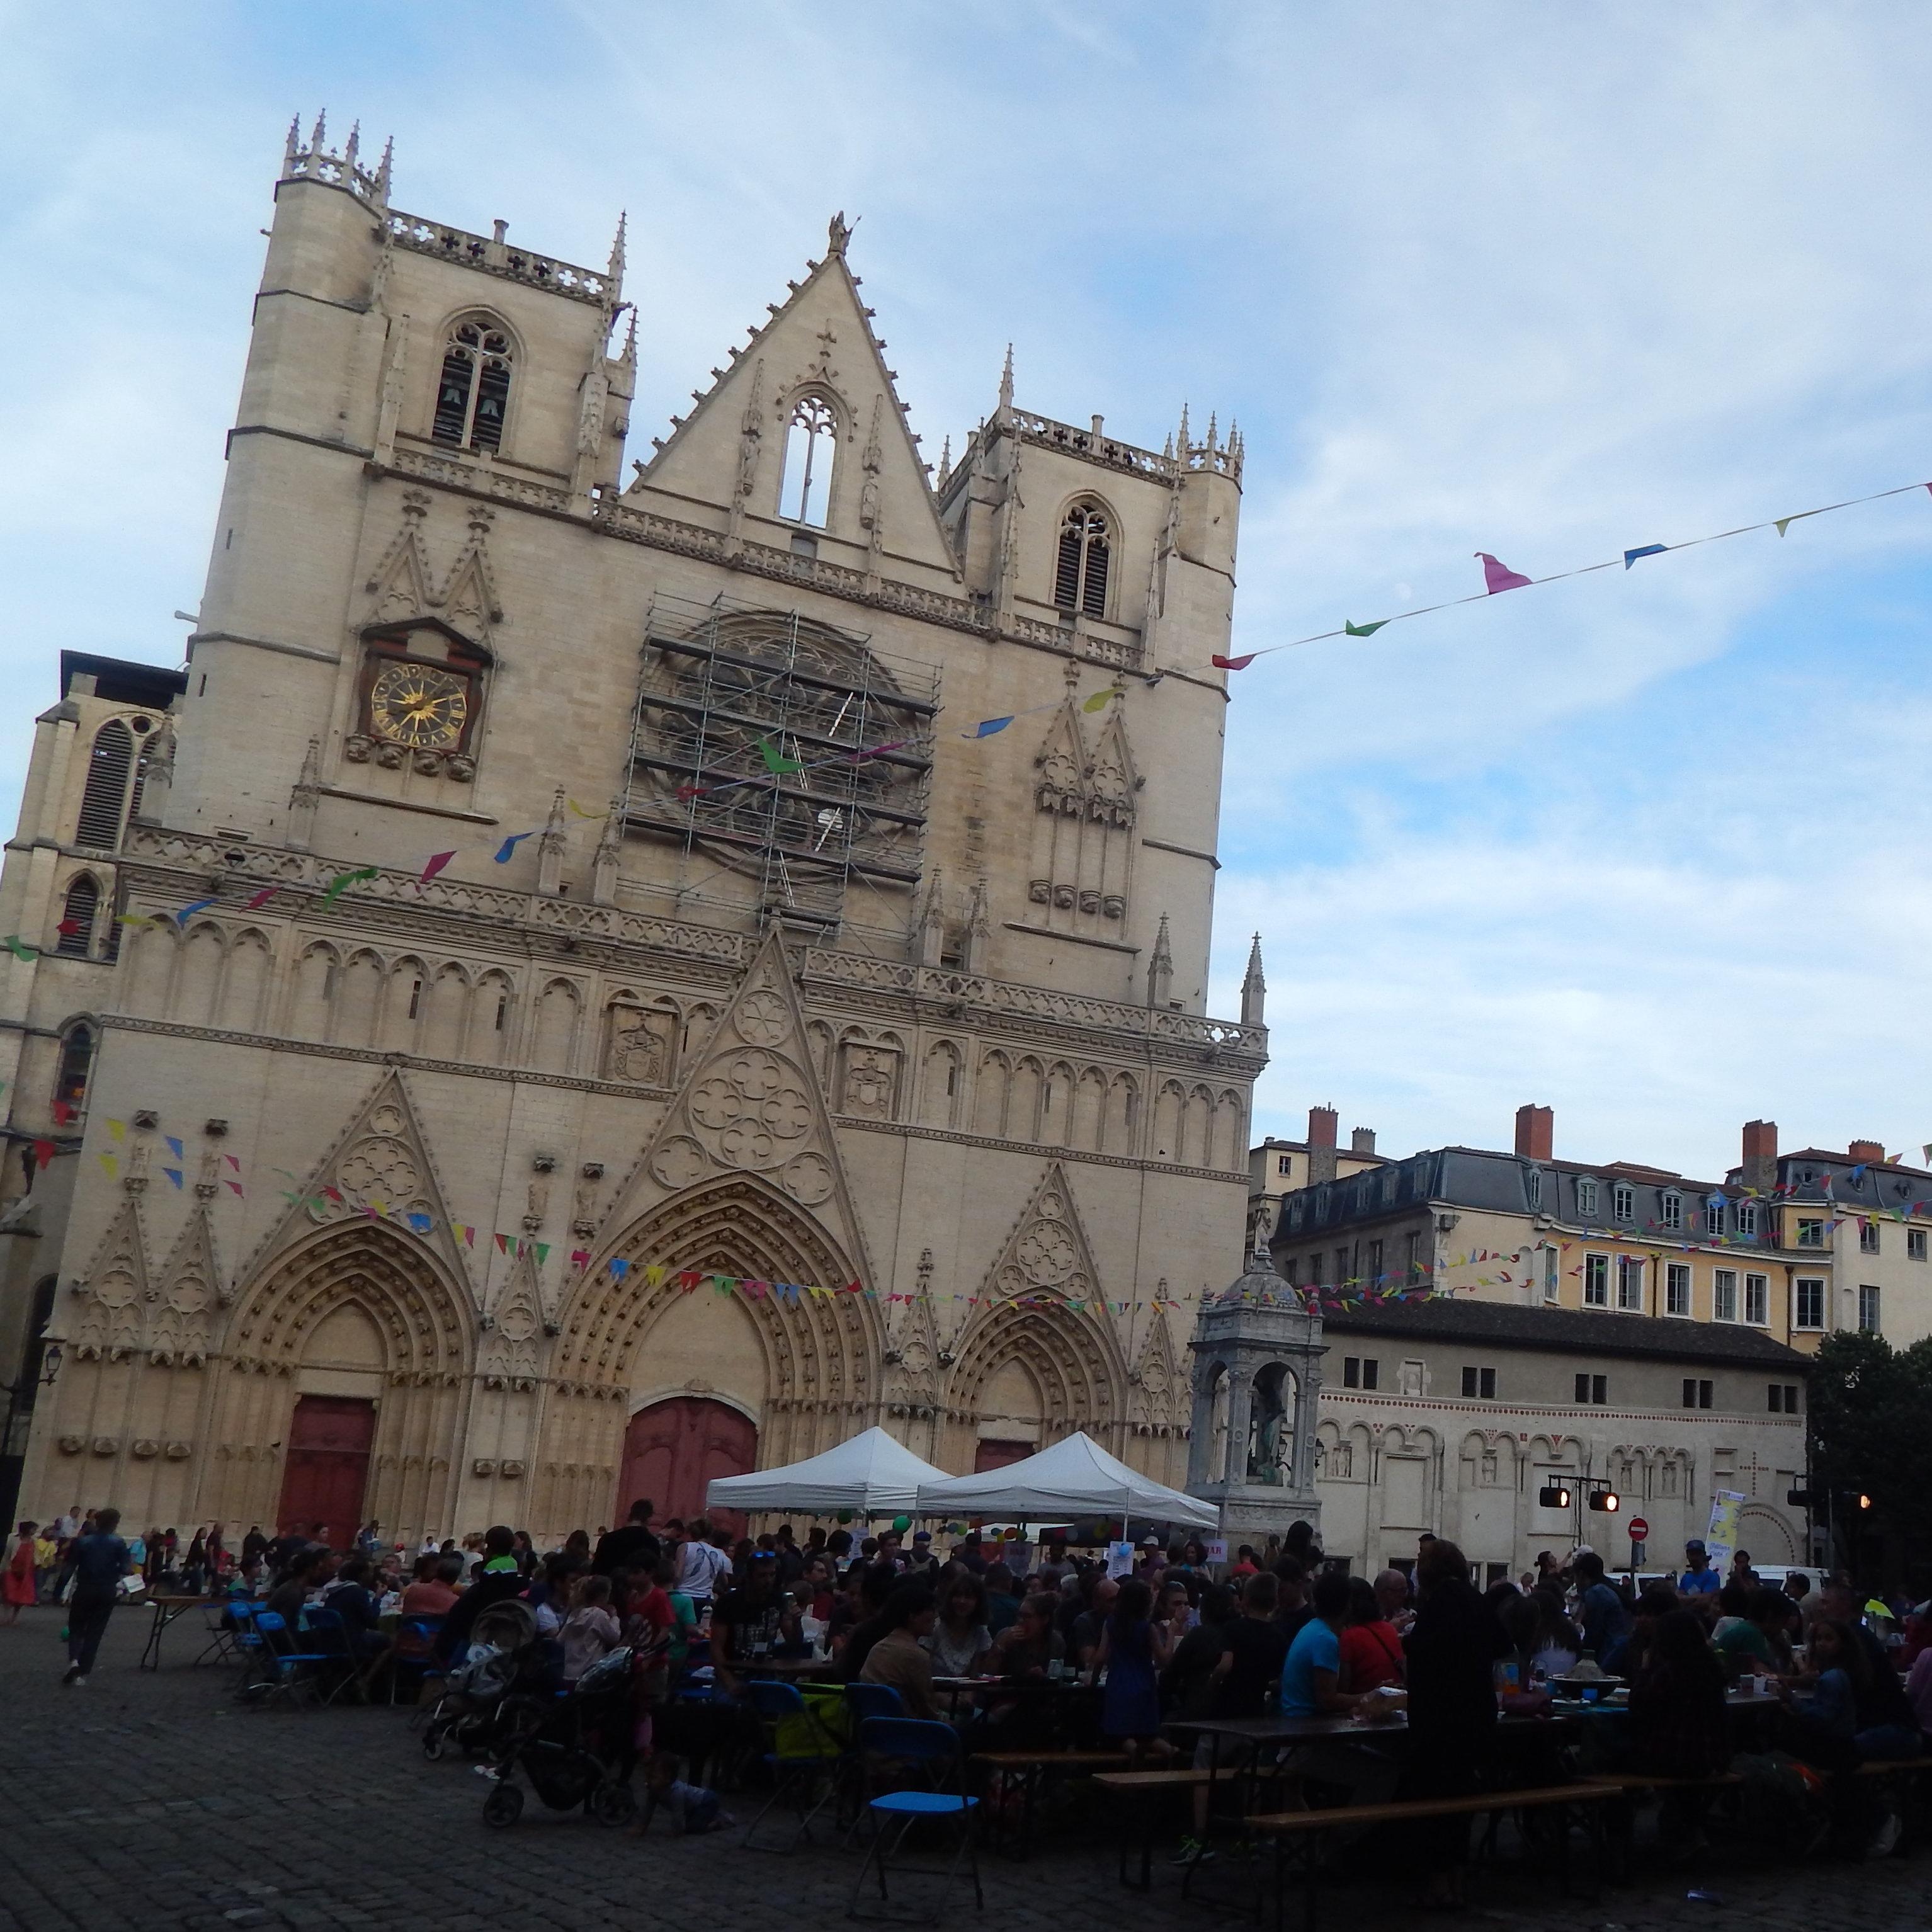 La MJC du Vieux Lyon fête ses cinquante ans ! 75cfdeac-c063-4b7e-8f57-1fe057ced8a7